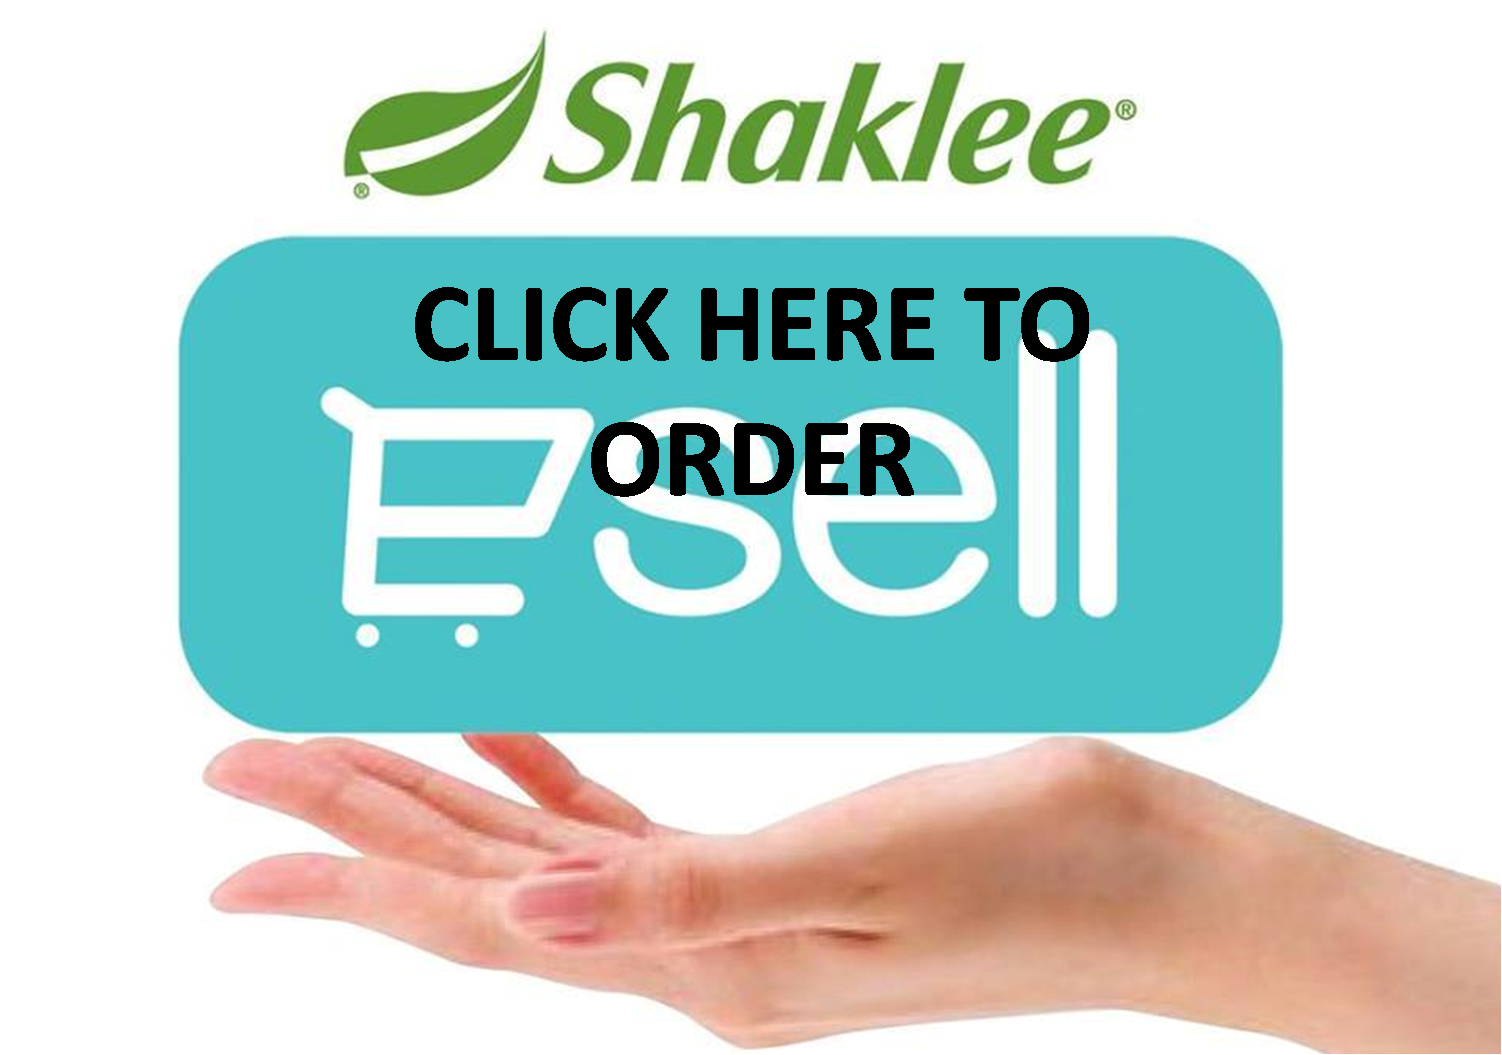 https://www.shaklee2u.com.my/widget/widget_agreement.php?session_id=&enc_widget_id=850972b9b9e9e1d869107e2498745386